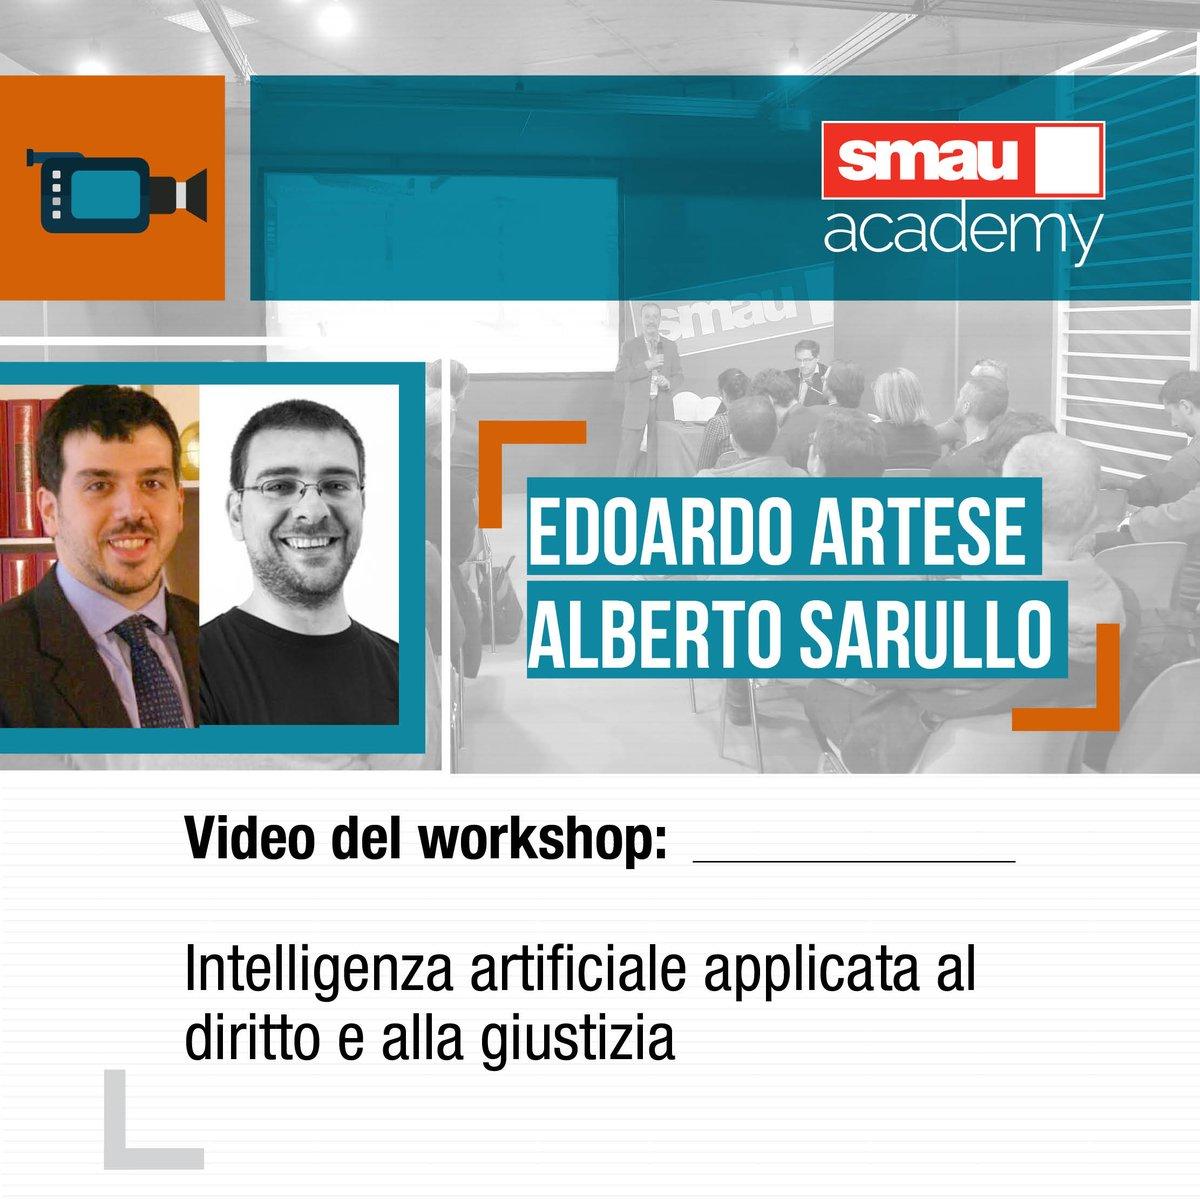 Questa settimana parliamo di #IntelligenzaArtificiale applicata al #diritto nel nuovo #podcast su #Smau Academy!Insieme ad @edoart79 @albertosarullo analizzeremo come possa essere applicata anche nell\